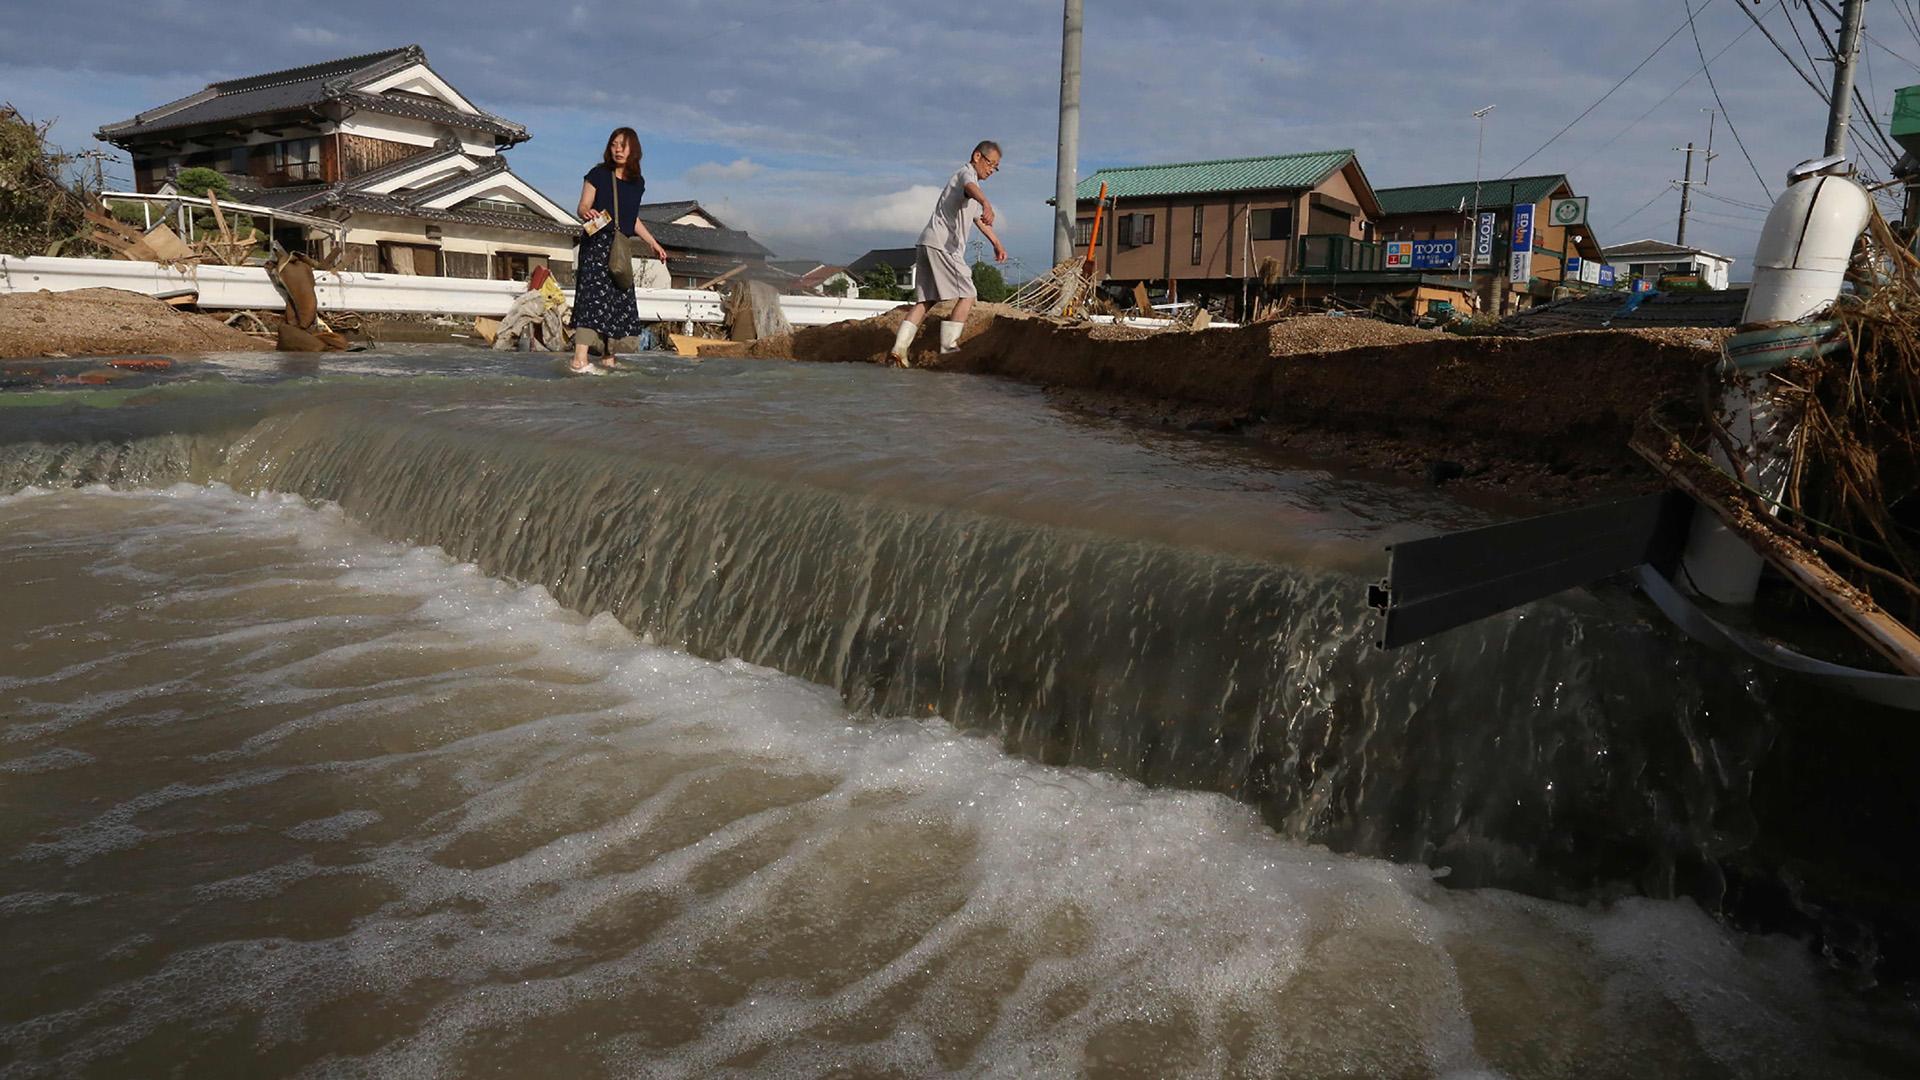 Las precipitaciones récord registradas desde el jueves en regiones del sur, el centro y el oeste del archipiélago nipón han causado graves daños en miles de viviendas e infraestructuras, provocado la evacuación de decenas de miles de personas y dejado aisladas a poblaciones enteras